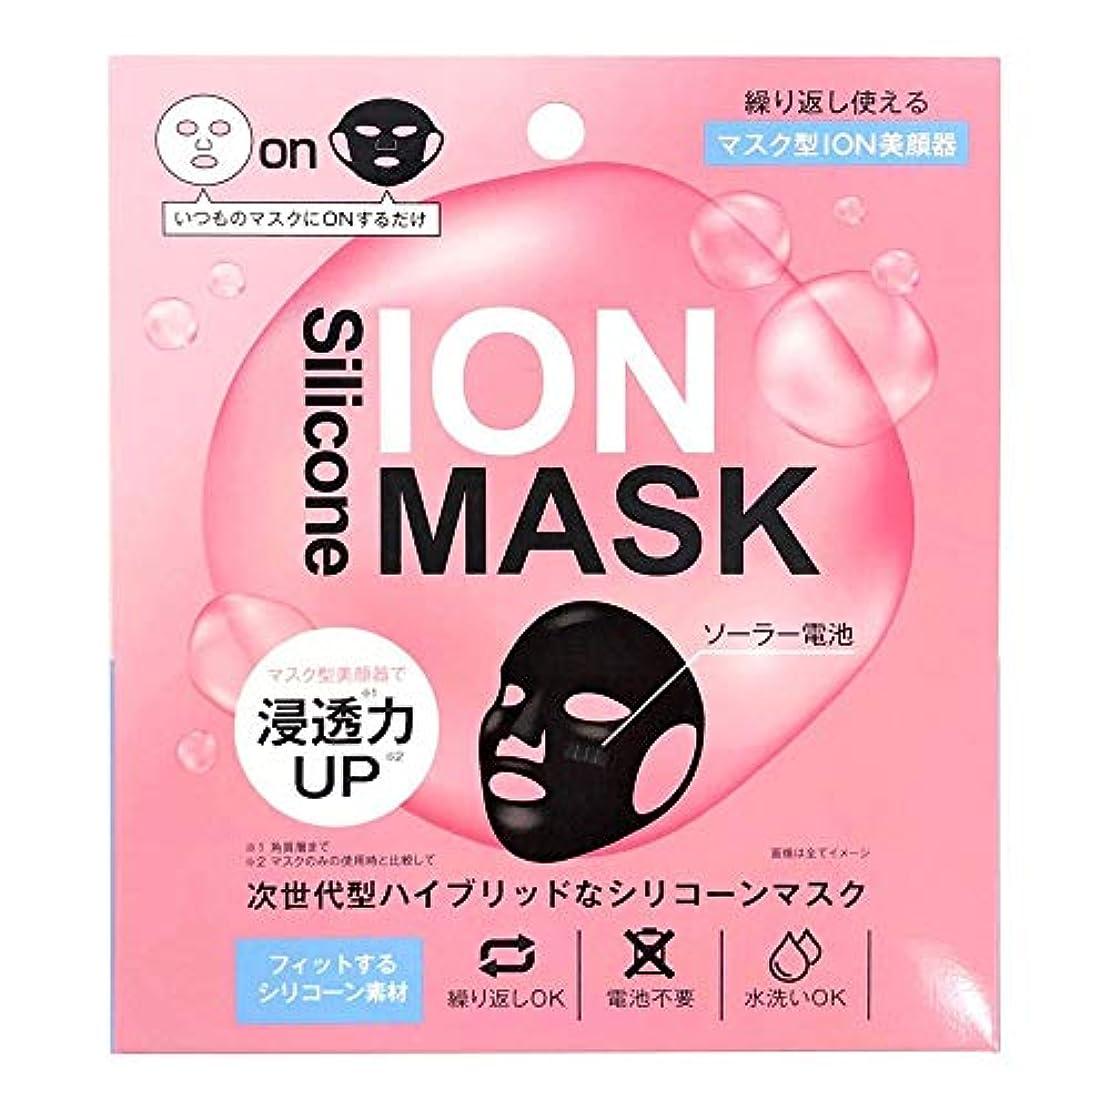 に勝る習熟度展開するジャパンギャルズsc イオンシリコーンマスク フェイスマスク 1個